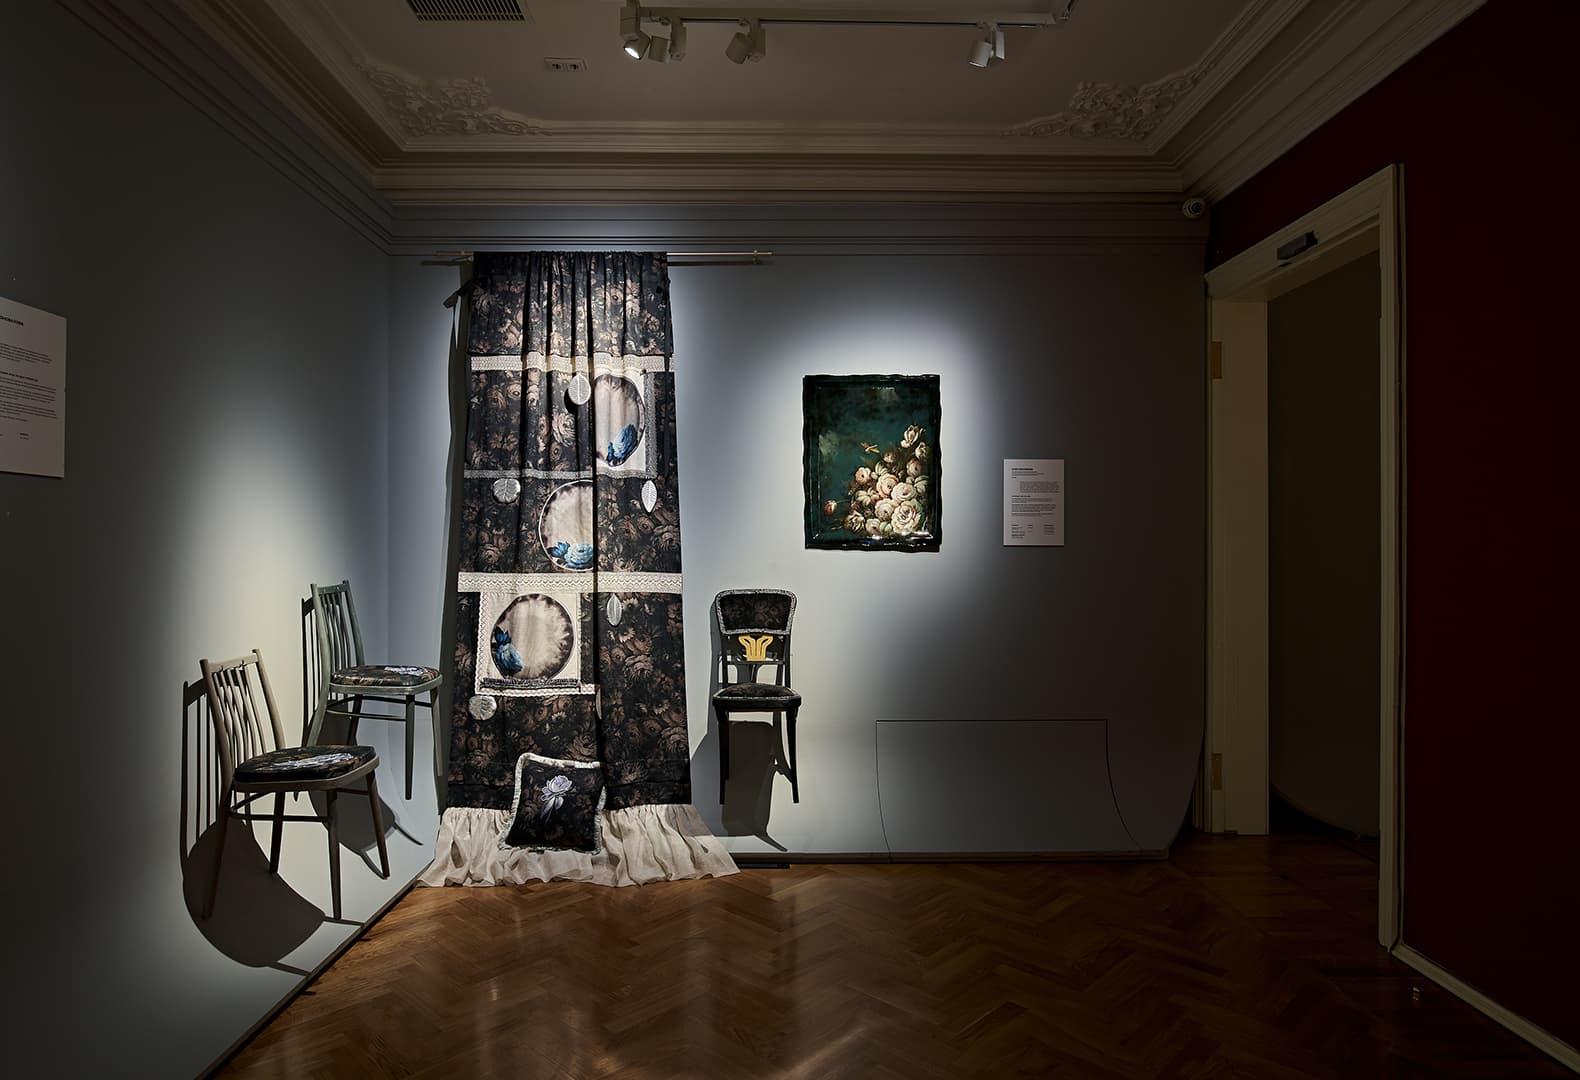 Выставка «Трын*Трава. Современный русский стиль» 2020 в музейно-выставочном центре РОСИЗО, экспозиция дизайнера Юли Герасимовой